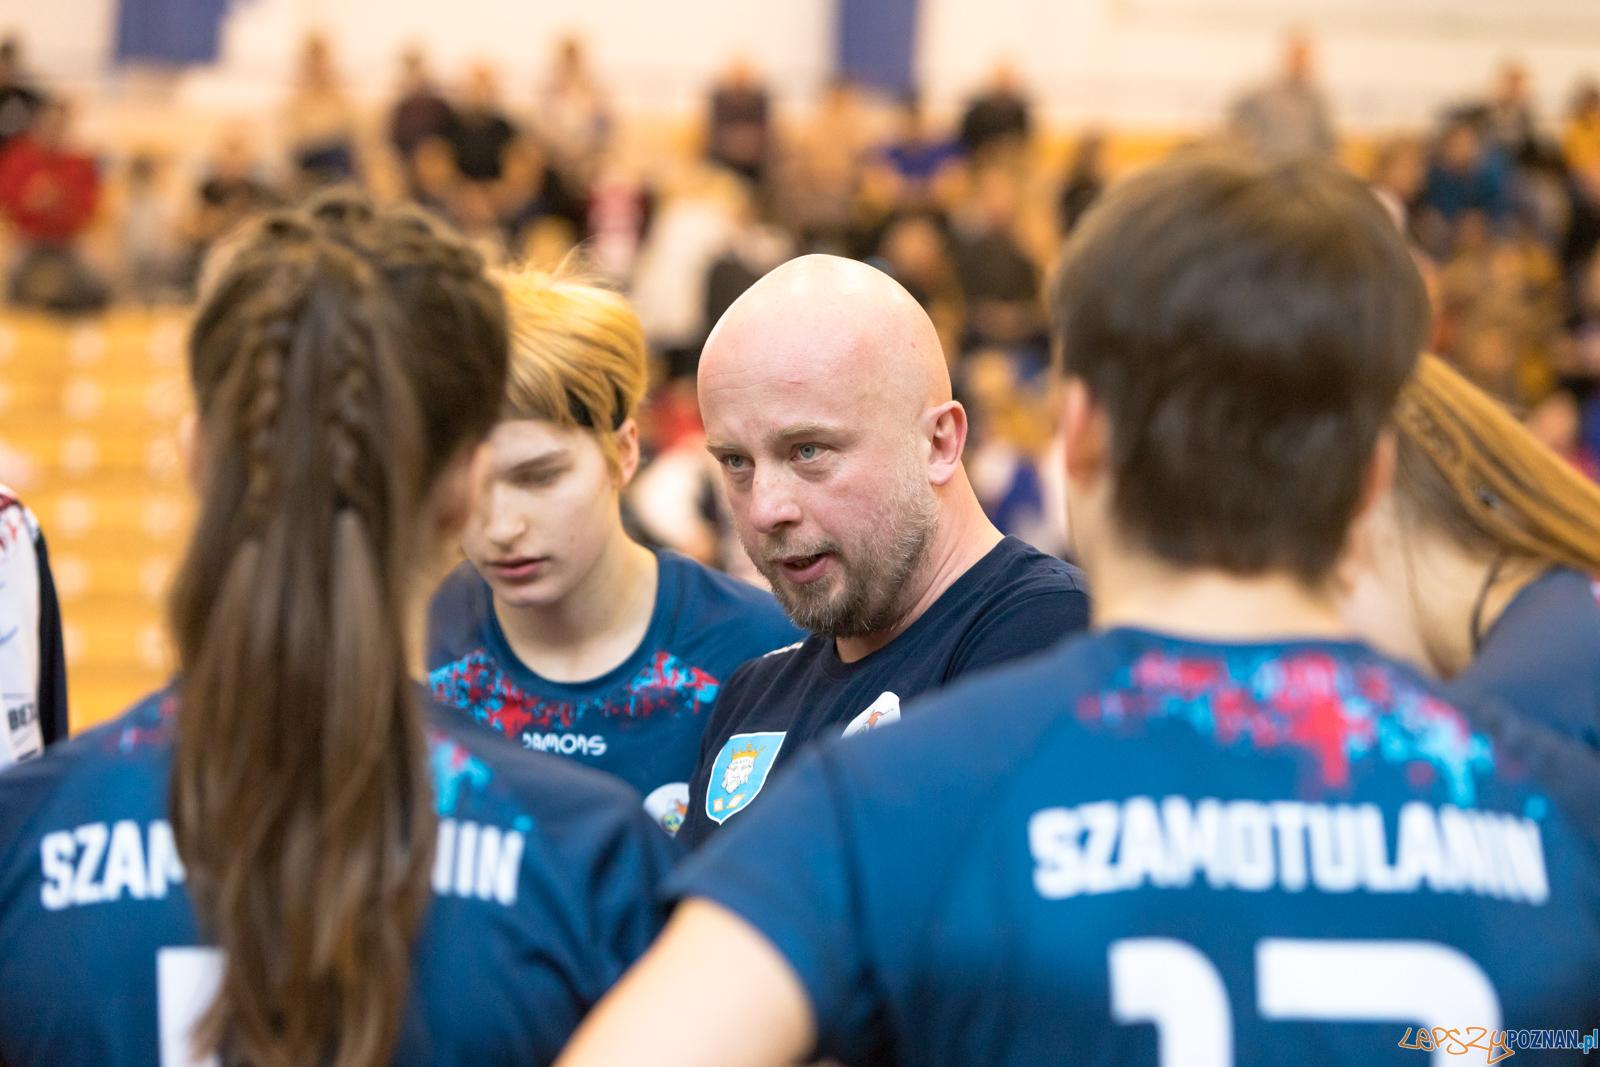 Mistrzostwa Wielkopolski Juniorek - UKS Szamotulanin Szamotuły  Foto: lepszyPOZNAN.pl/Piotr Rychter